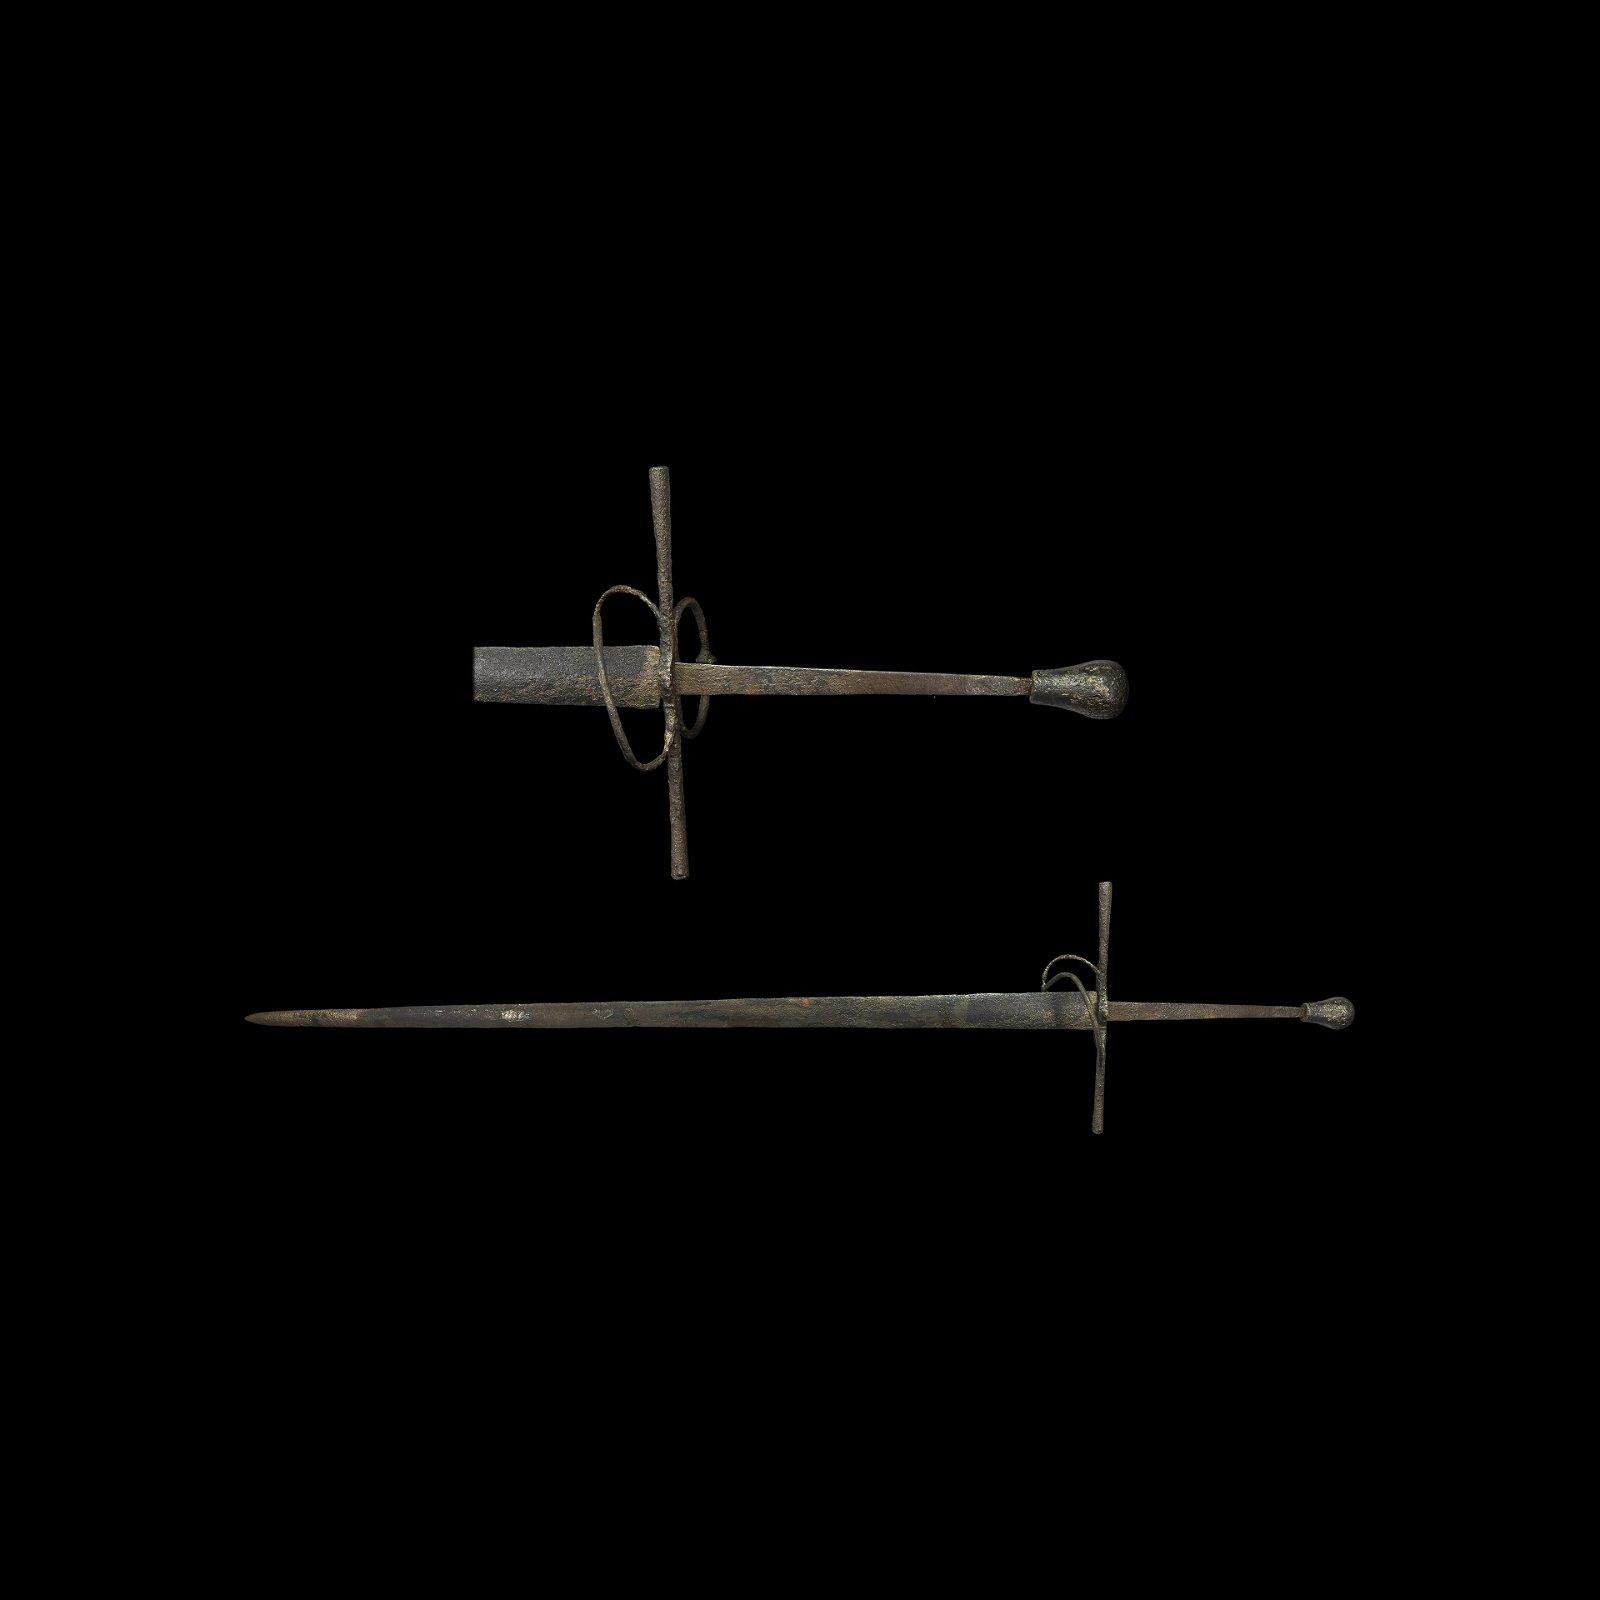 Tudor Era Hand-and-a-Half Sword